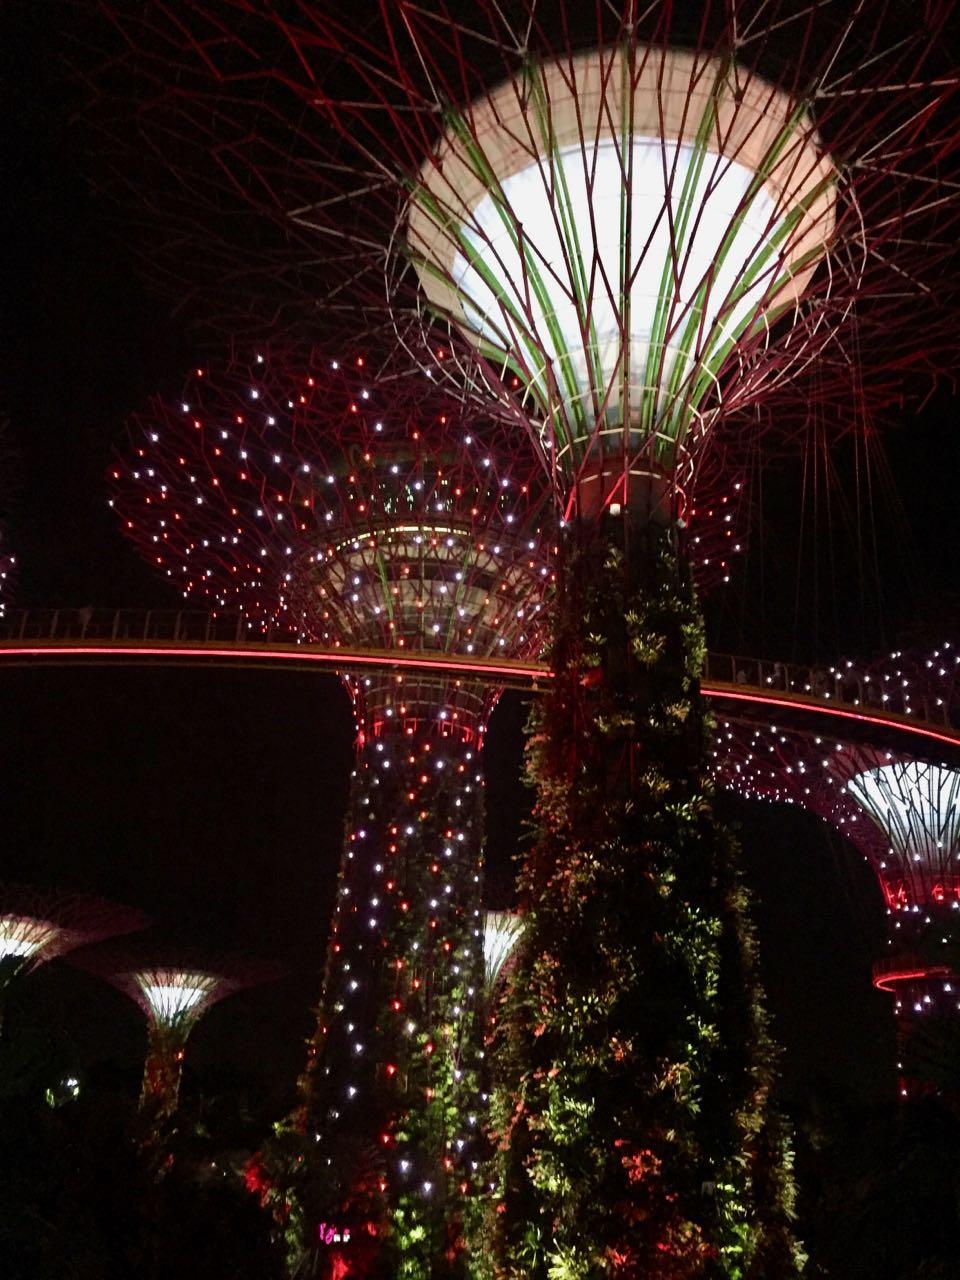 supertree by night.jpg